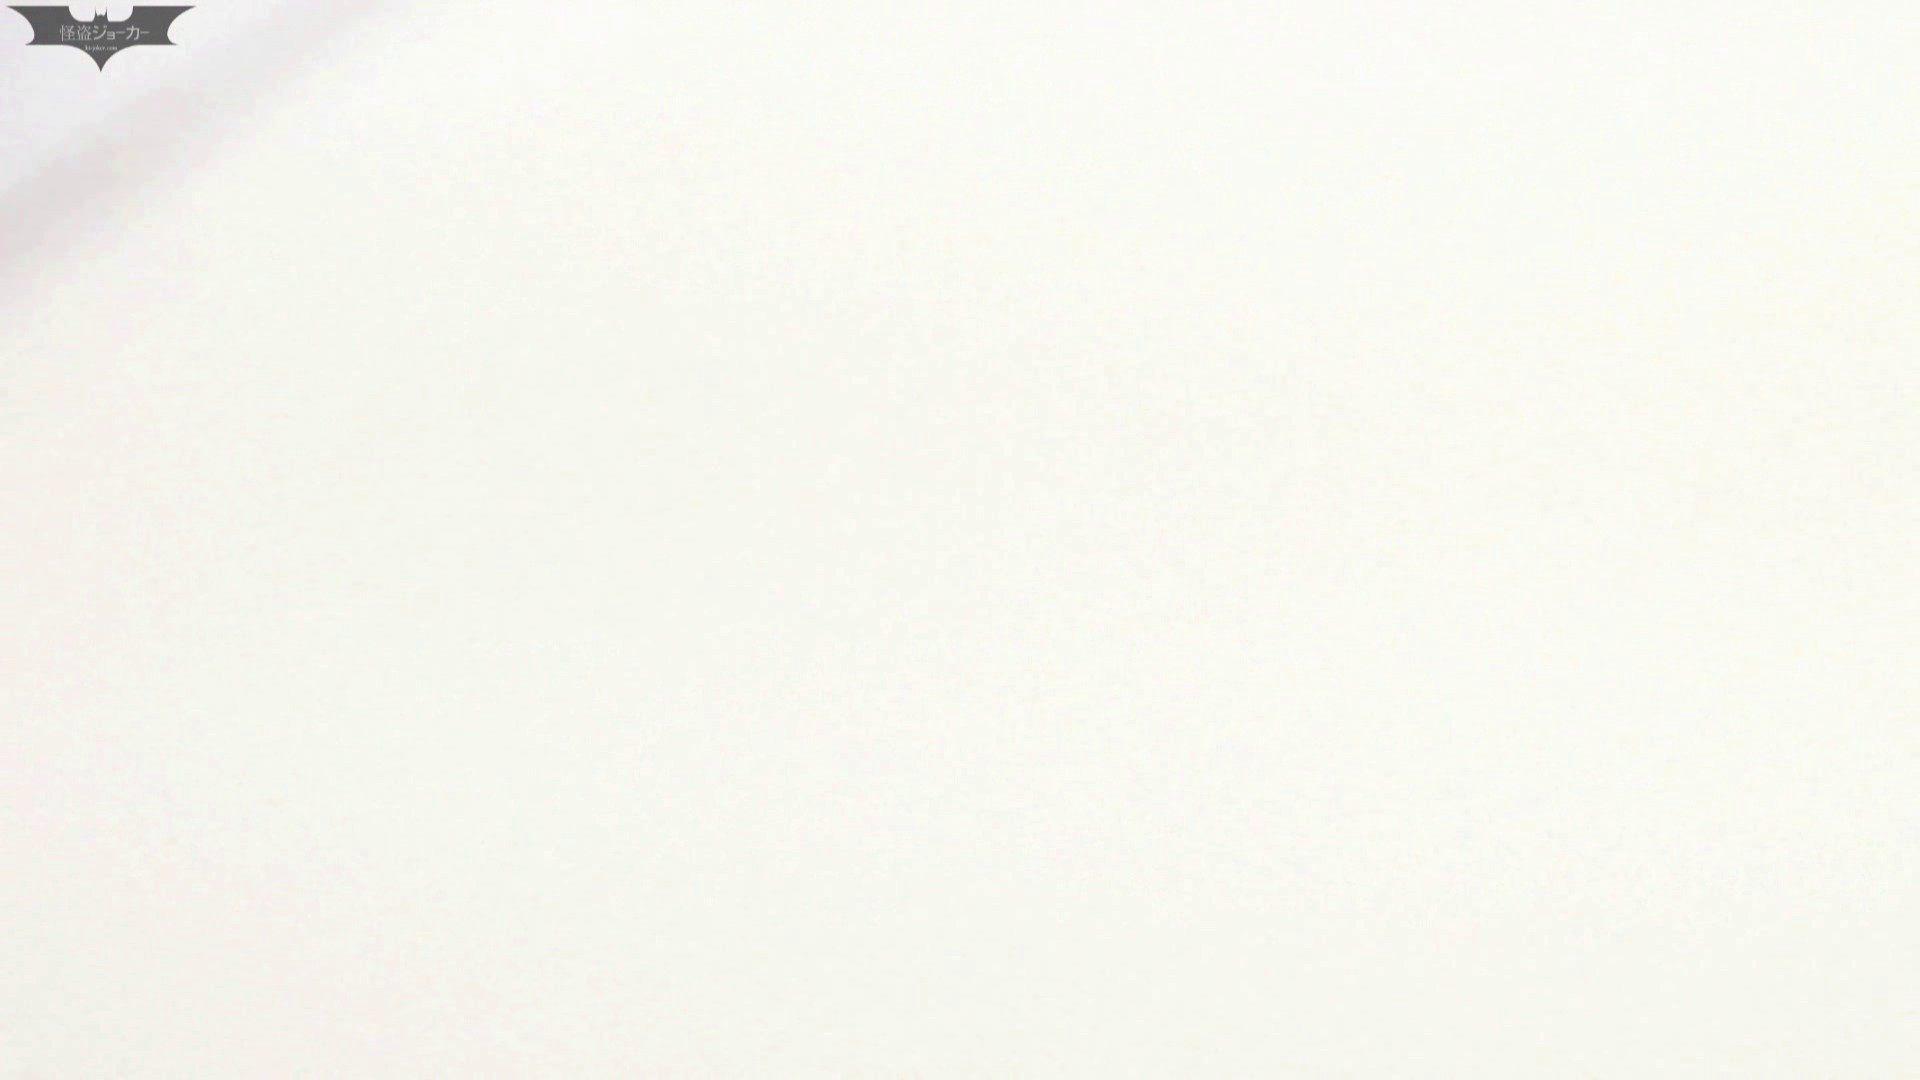 お銀 vol.68 無謀に通路に飛び出て一番明るいフロント撮り実現、見所満載 美人  105pic 27